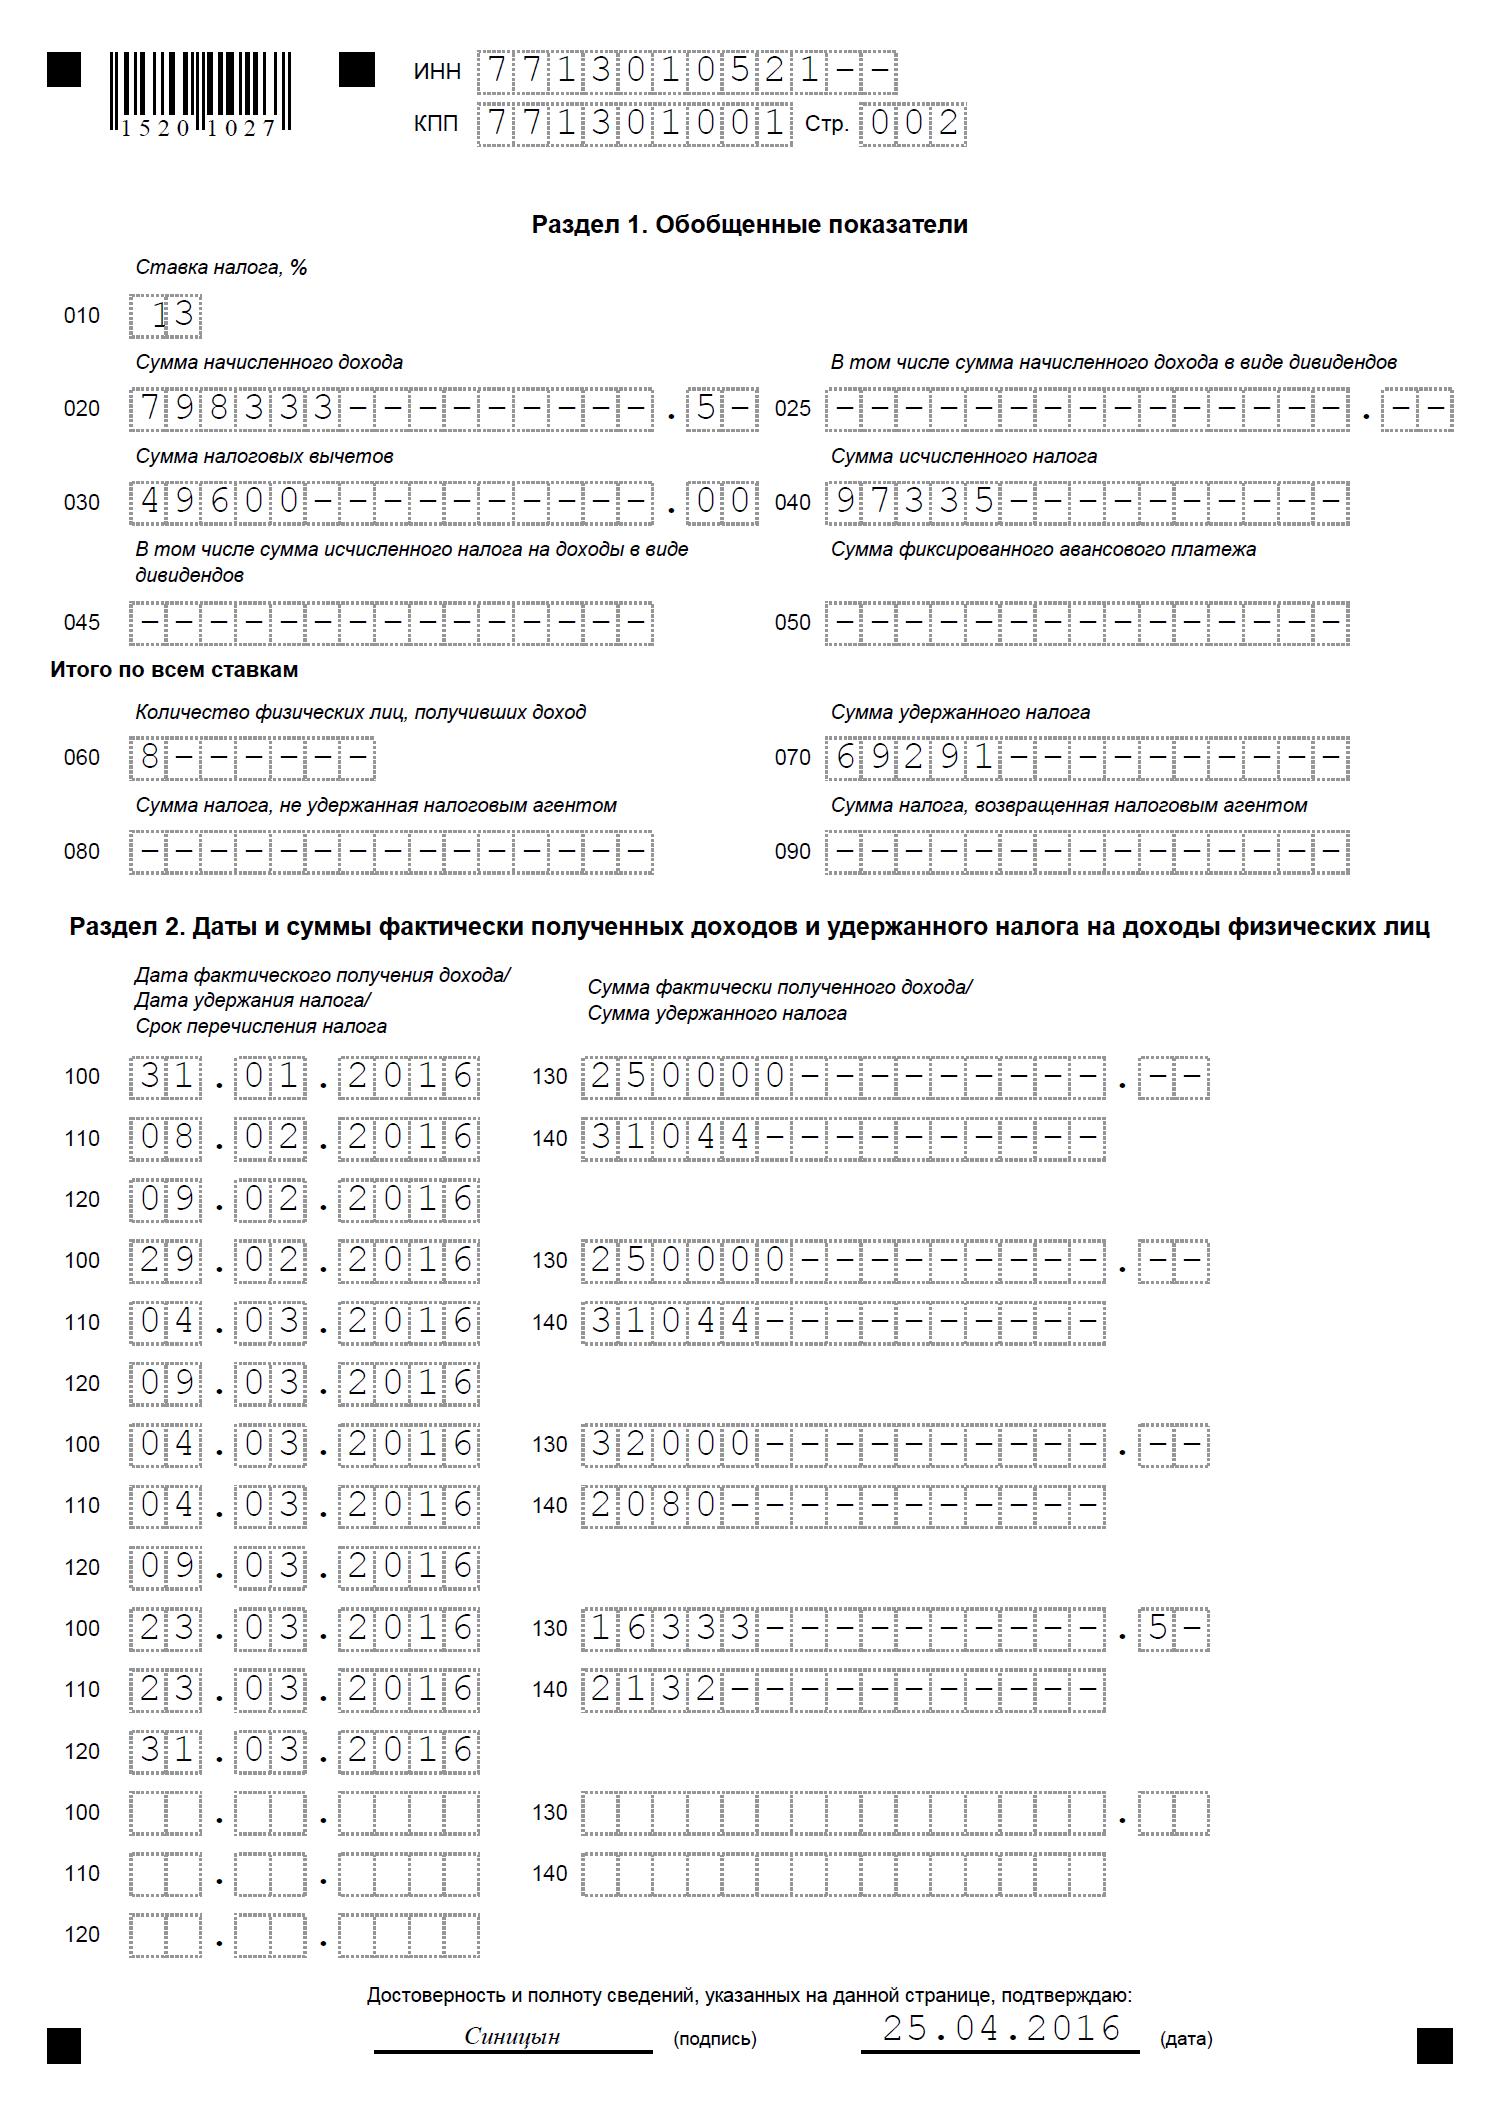 6-НДФЛ с 2016 года пример заполнения